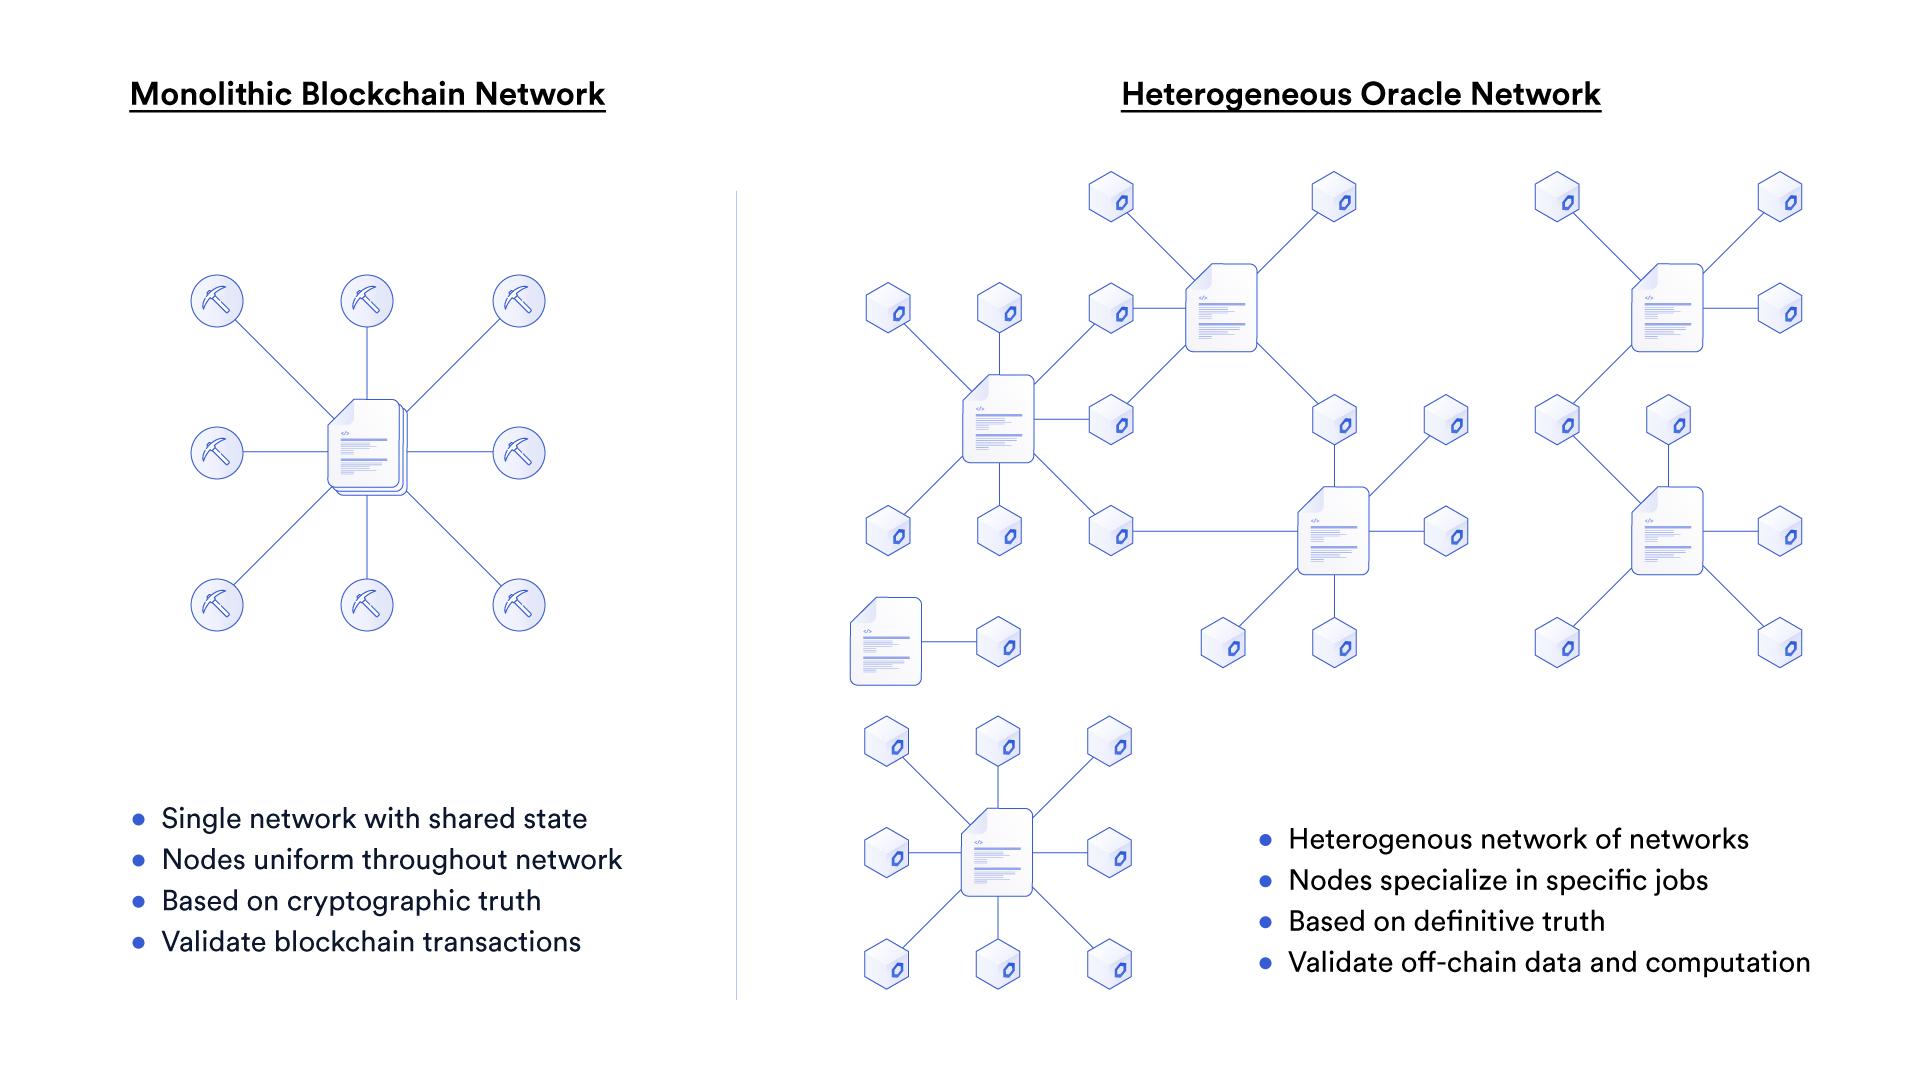 一文读懂区块链与预言机的异同之处及其协同效应